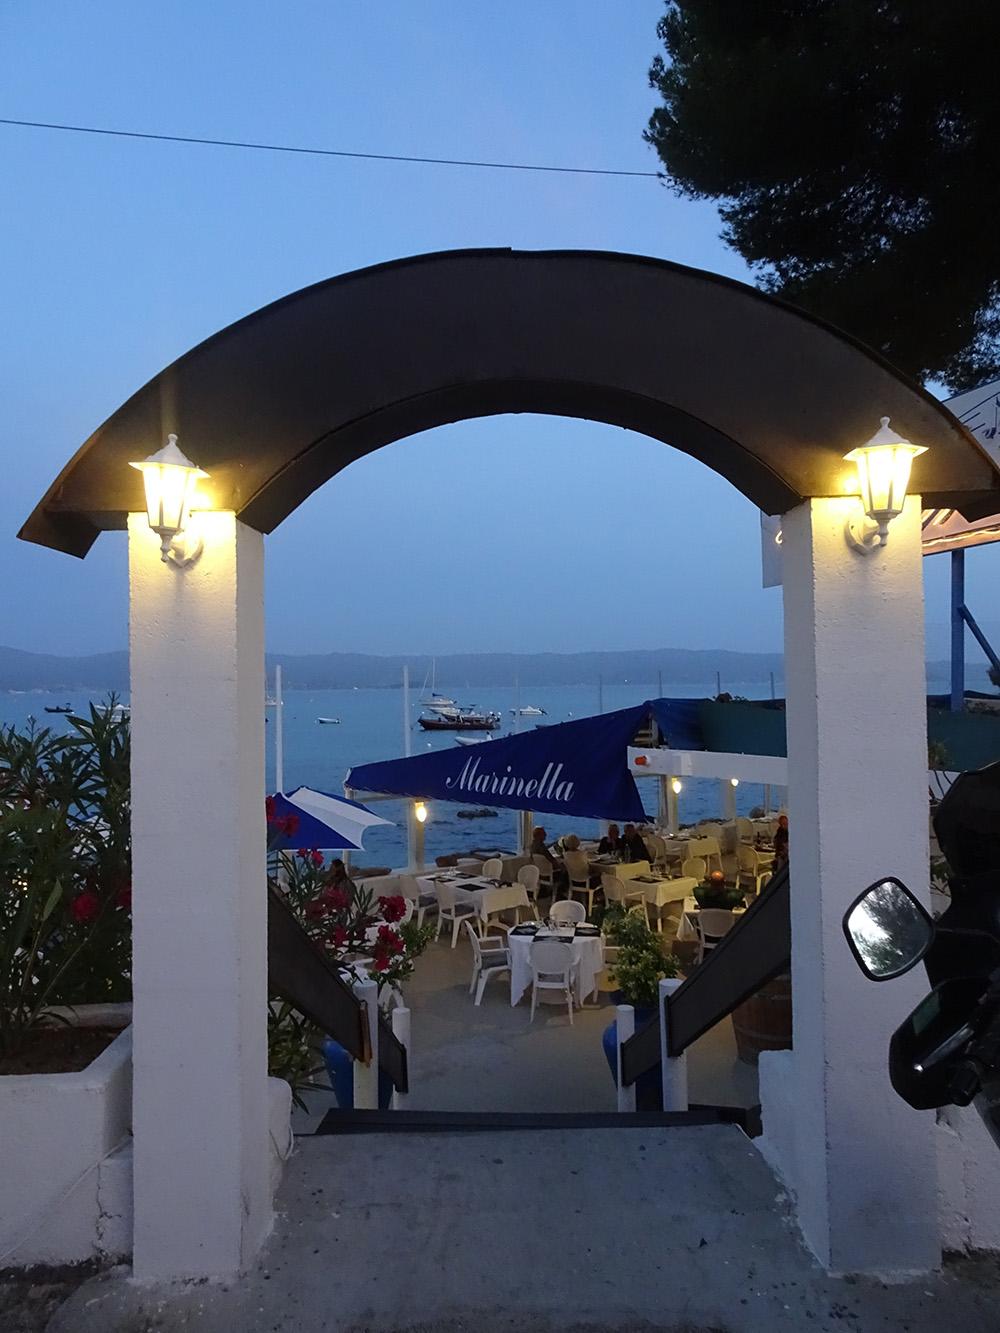 Restaurant la Marinella in Ajaccio